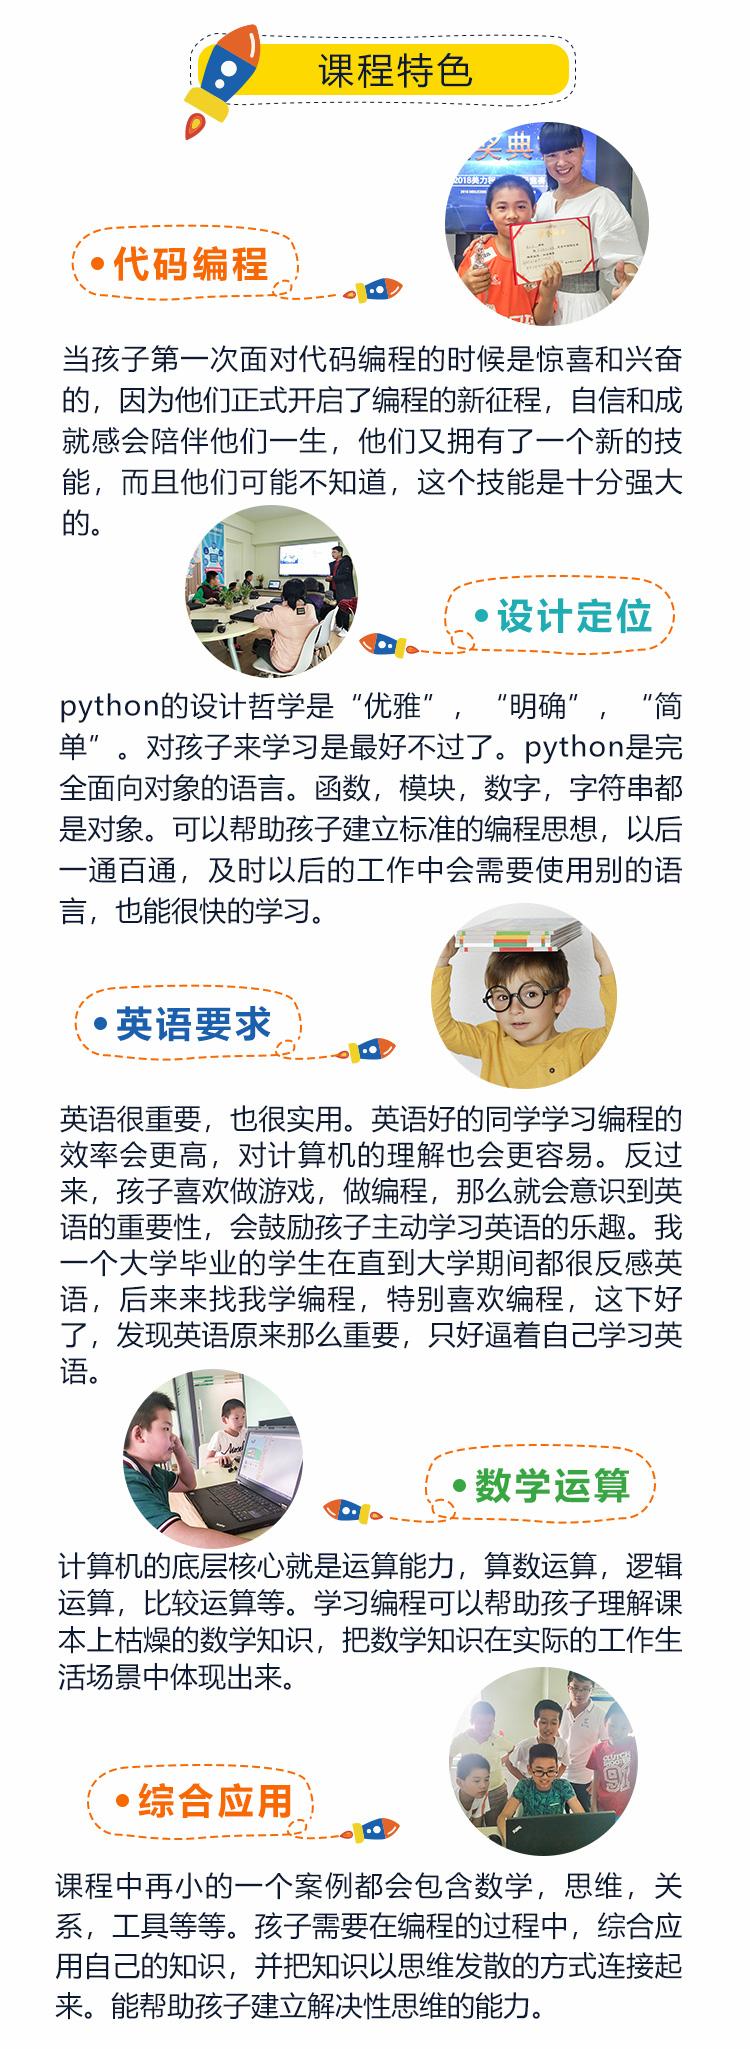 phy算法编程_04.jpg